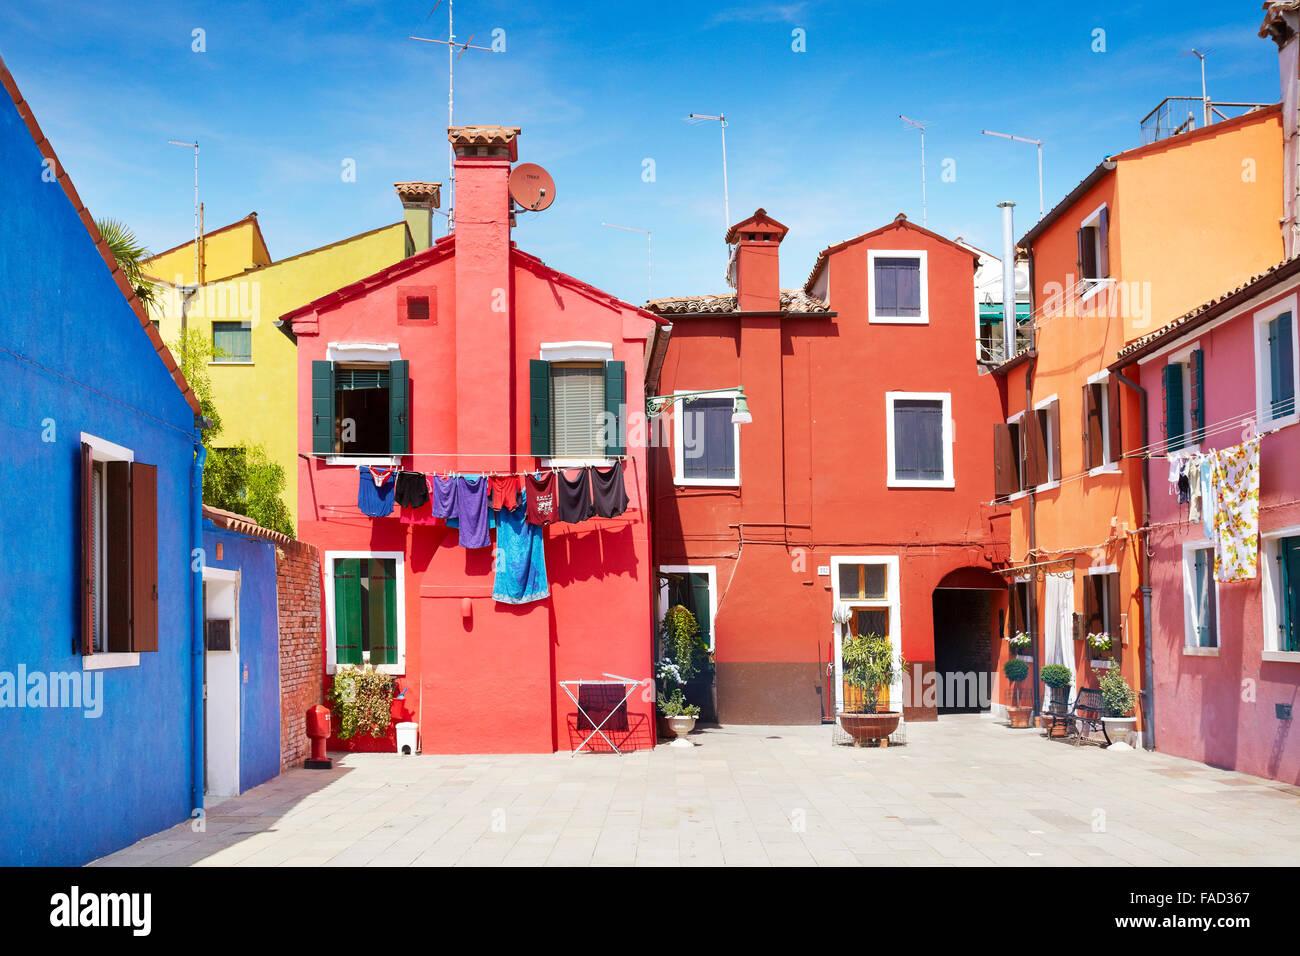 Häuser Italien charakteristischen bunten häuser im dorf burano in der nähe